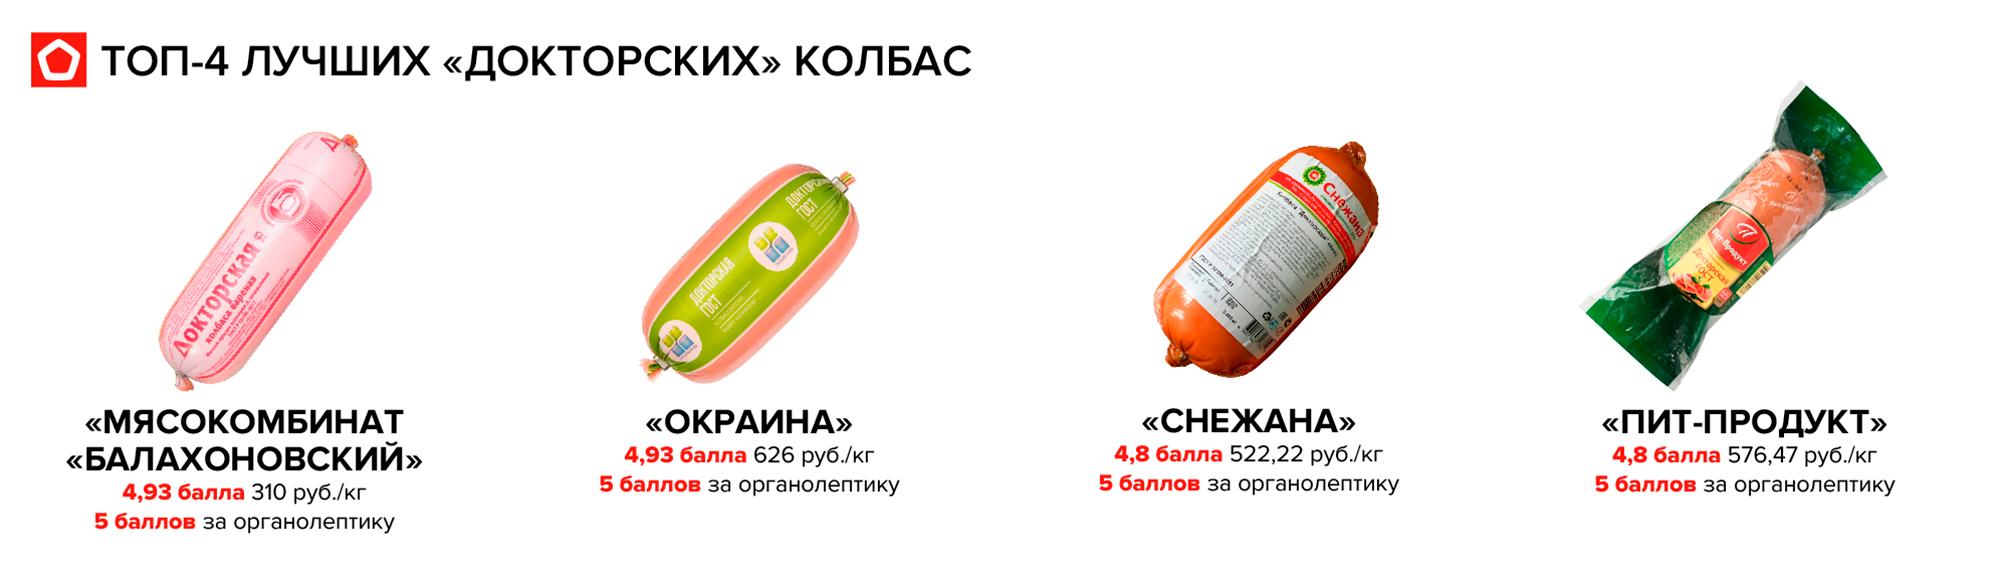 Победителя два: колбасы Балахоновского мясокомбината и «Окраины» набрали одинаковое количество баллов, но первый вариант дешевле в два раза